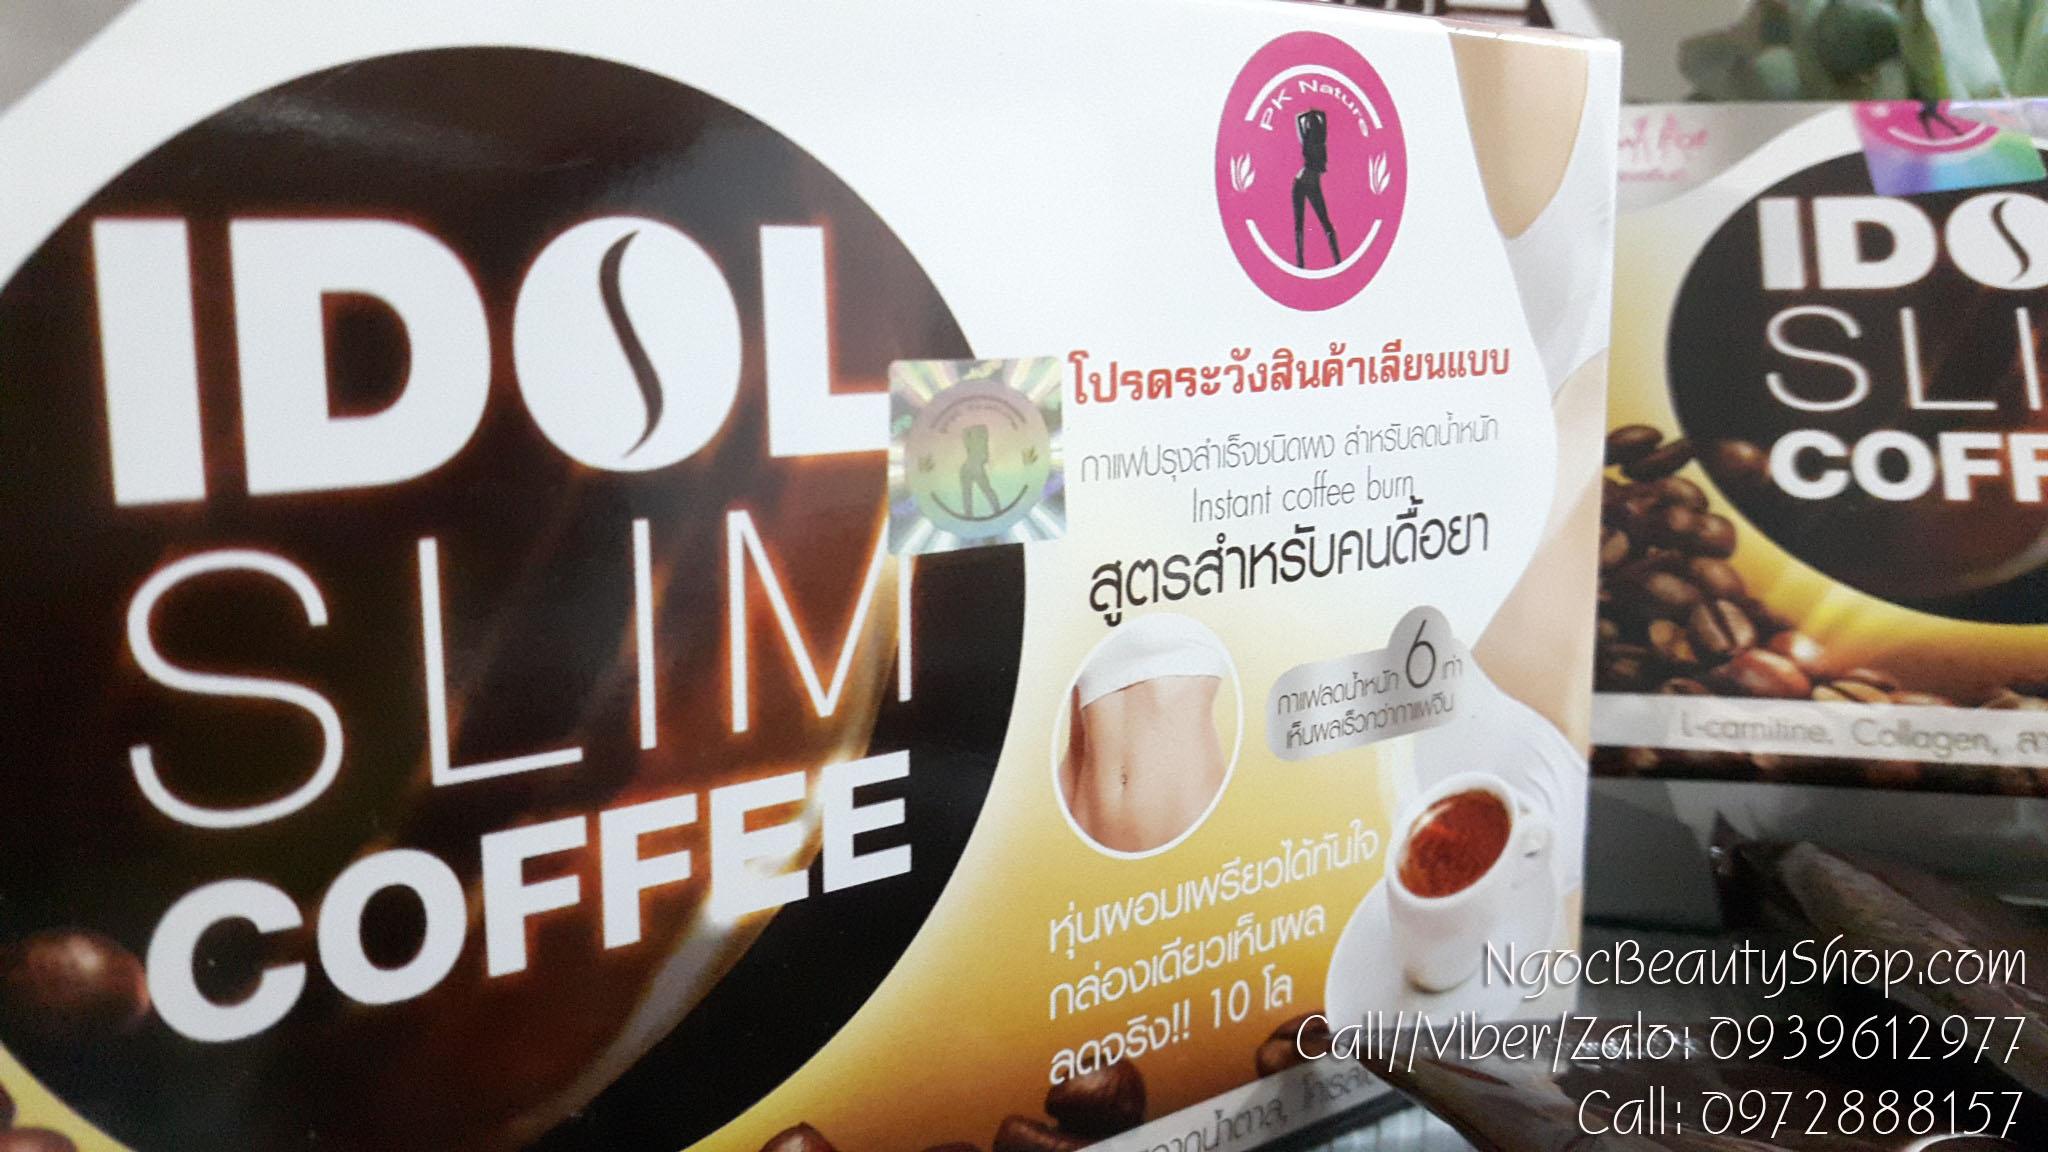 ca_phe_giam_can_idol_thai_lan_chinh_hang_ngocbeautyshop.com_5